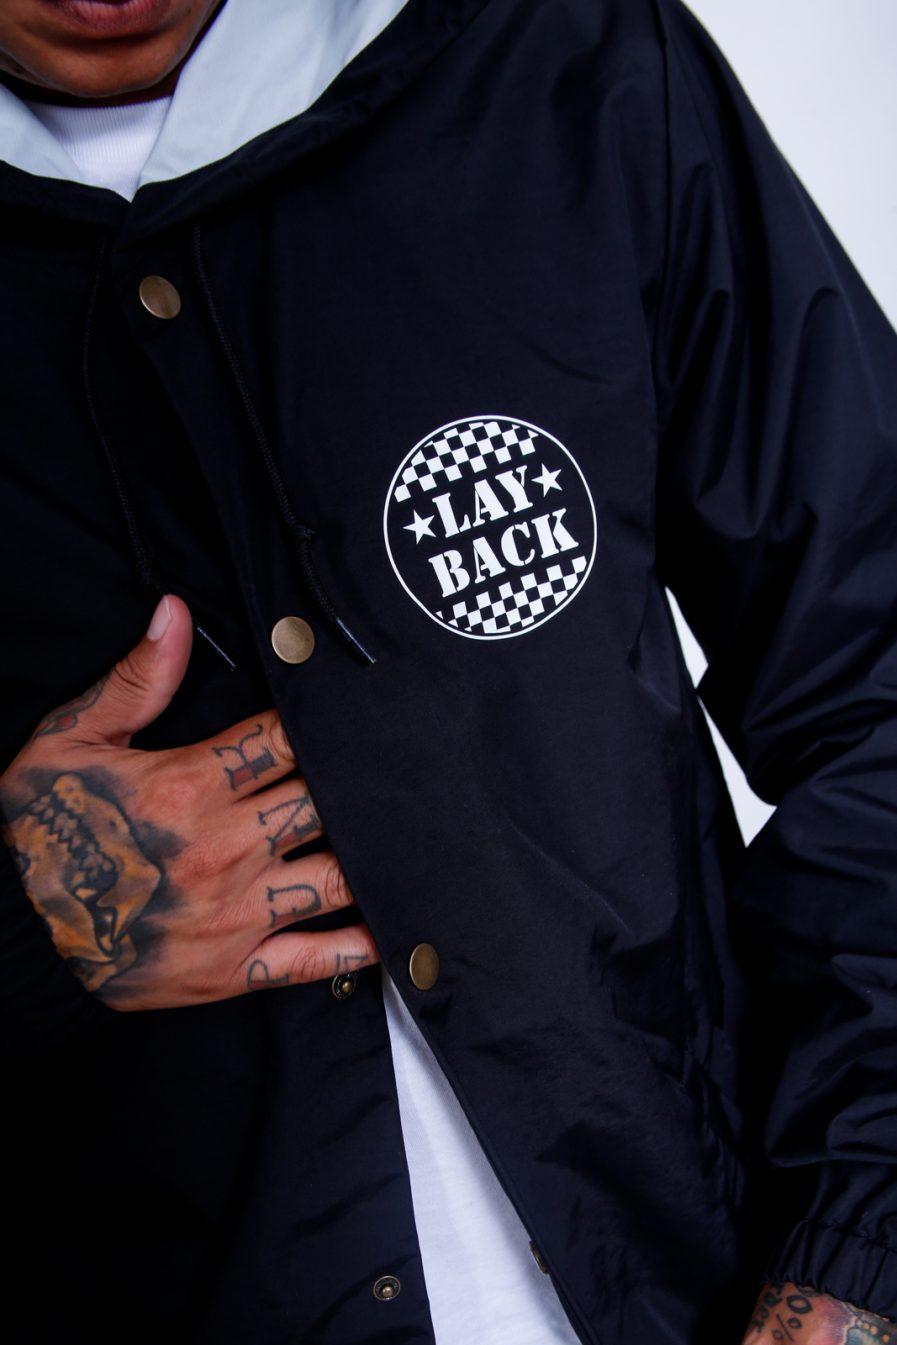 jacketlayback